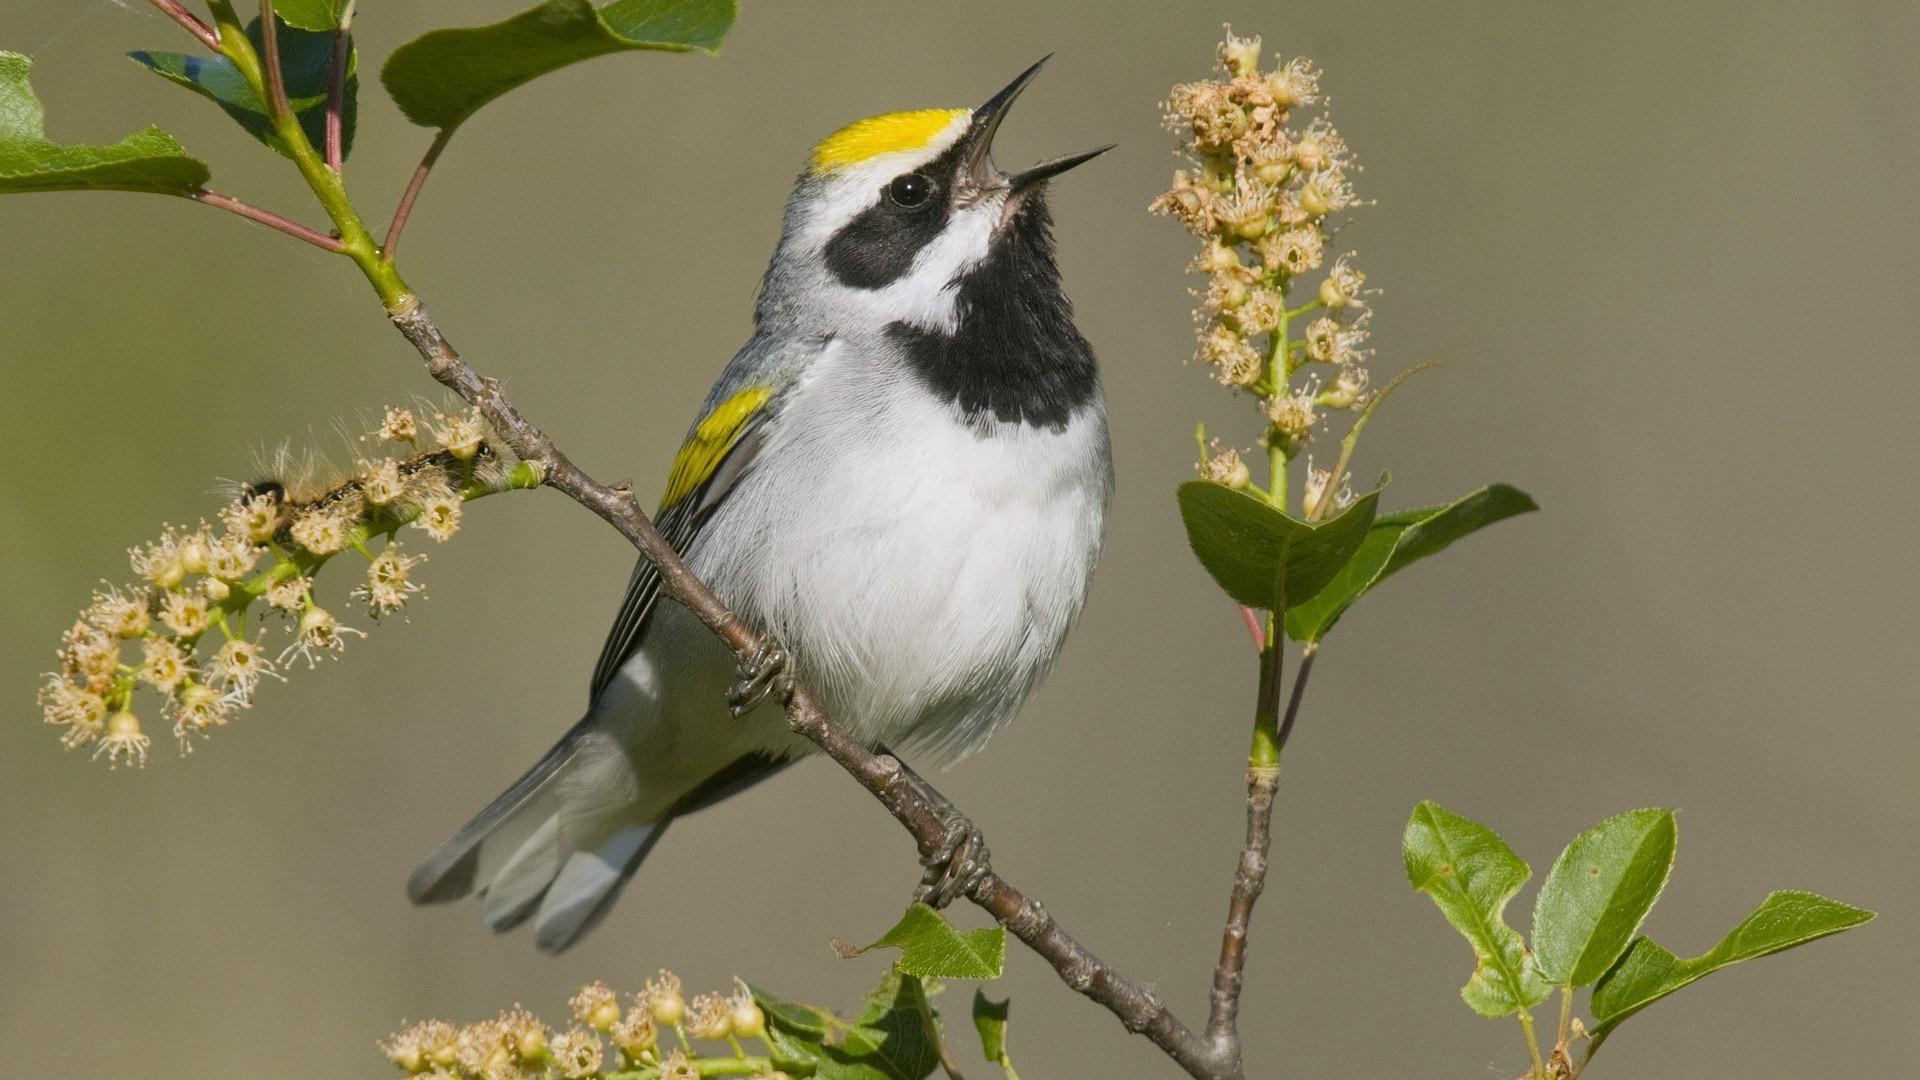 Yellow Topped Bird HD desktop wallpaper : Widescreen : High ...